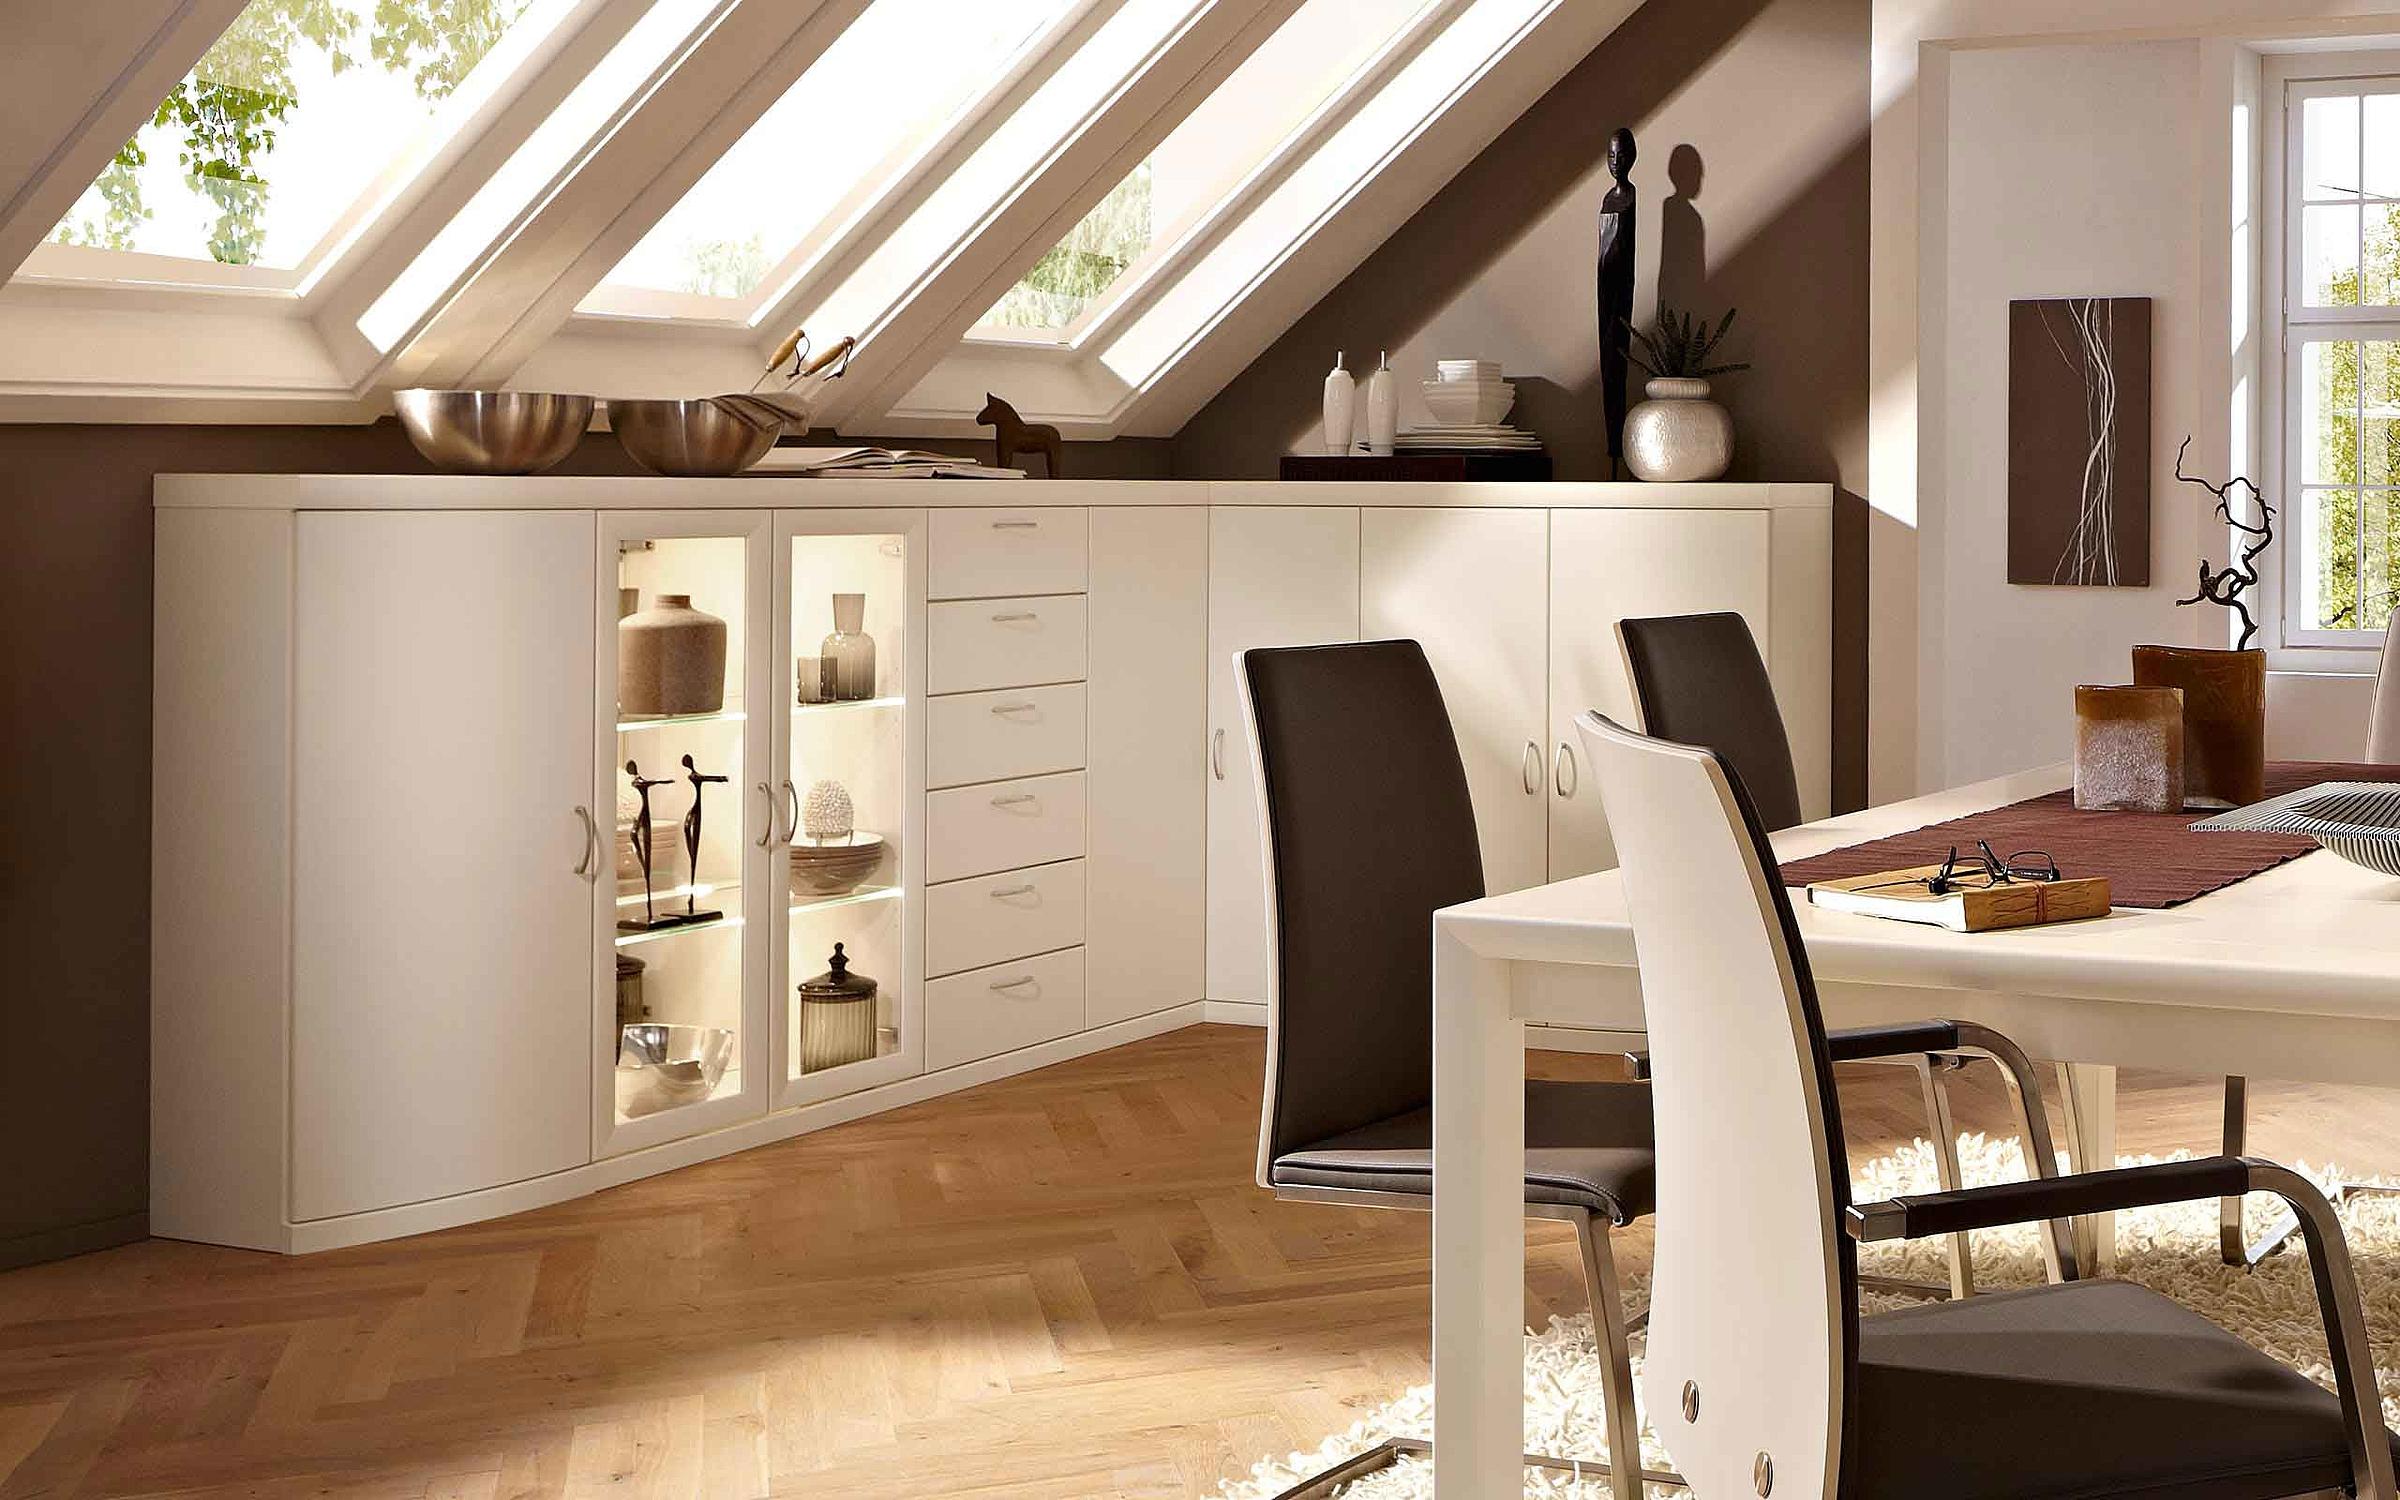 Ecke Sideboard Stuhl Polster Esstisch Esszimmer Malta Lack weiß